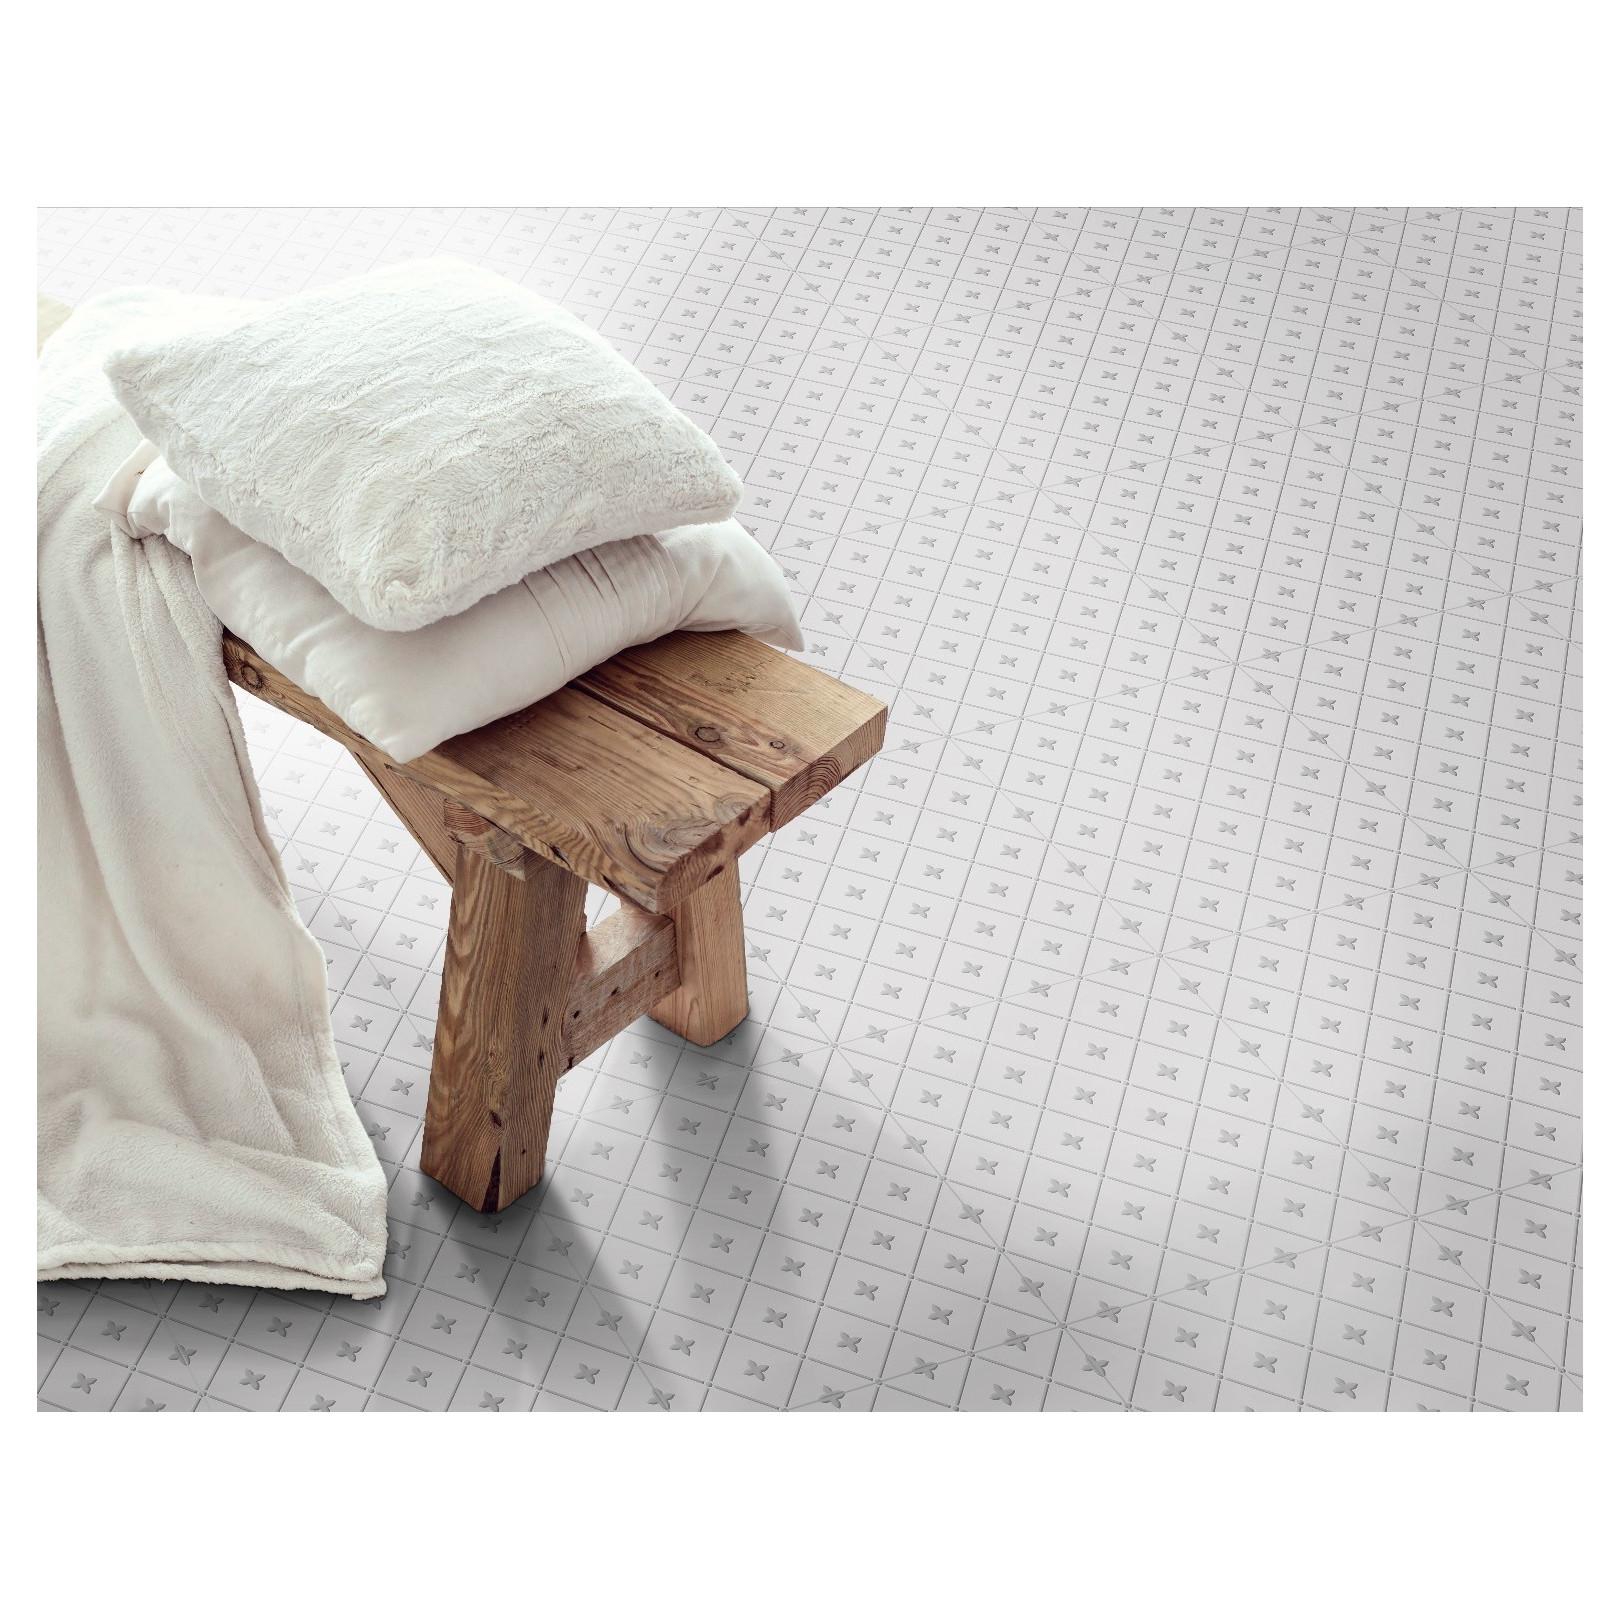 Carrelage gr s c rame effet carreau ciment alhambra gris - Carrelage effet carreau ciment ...